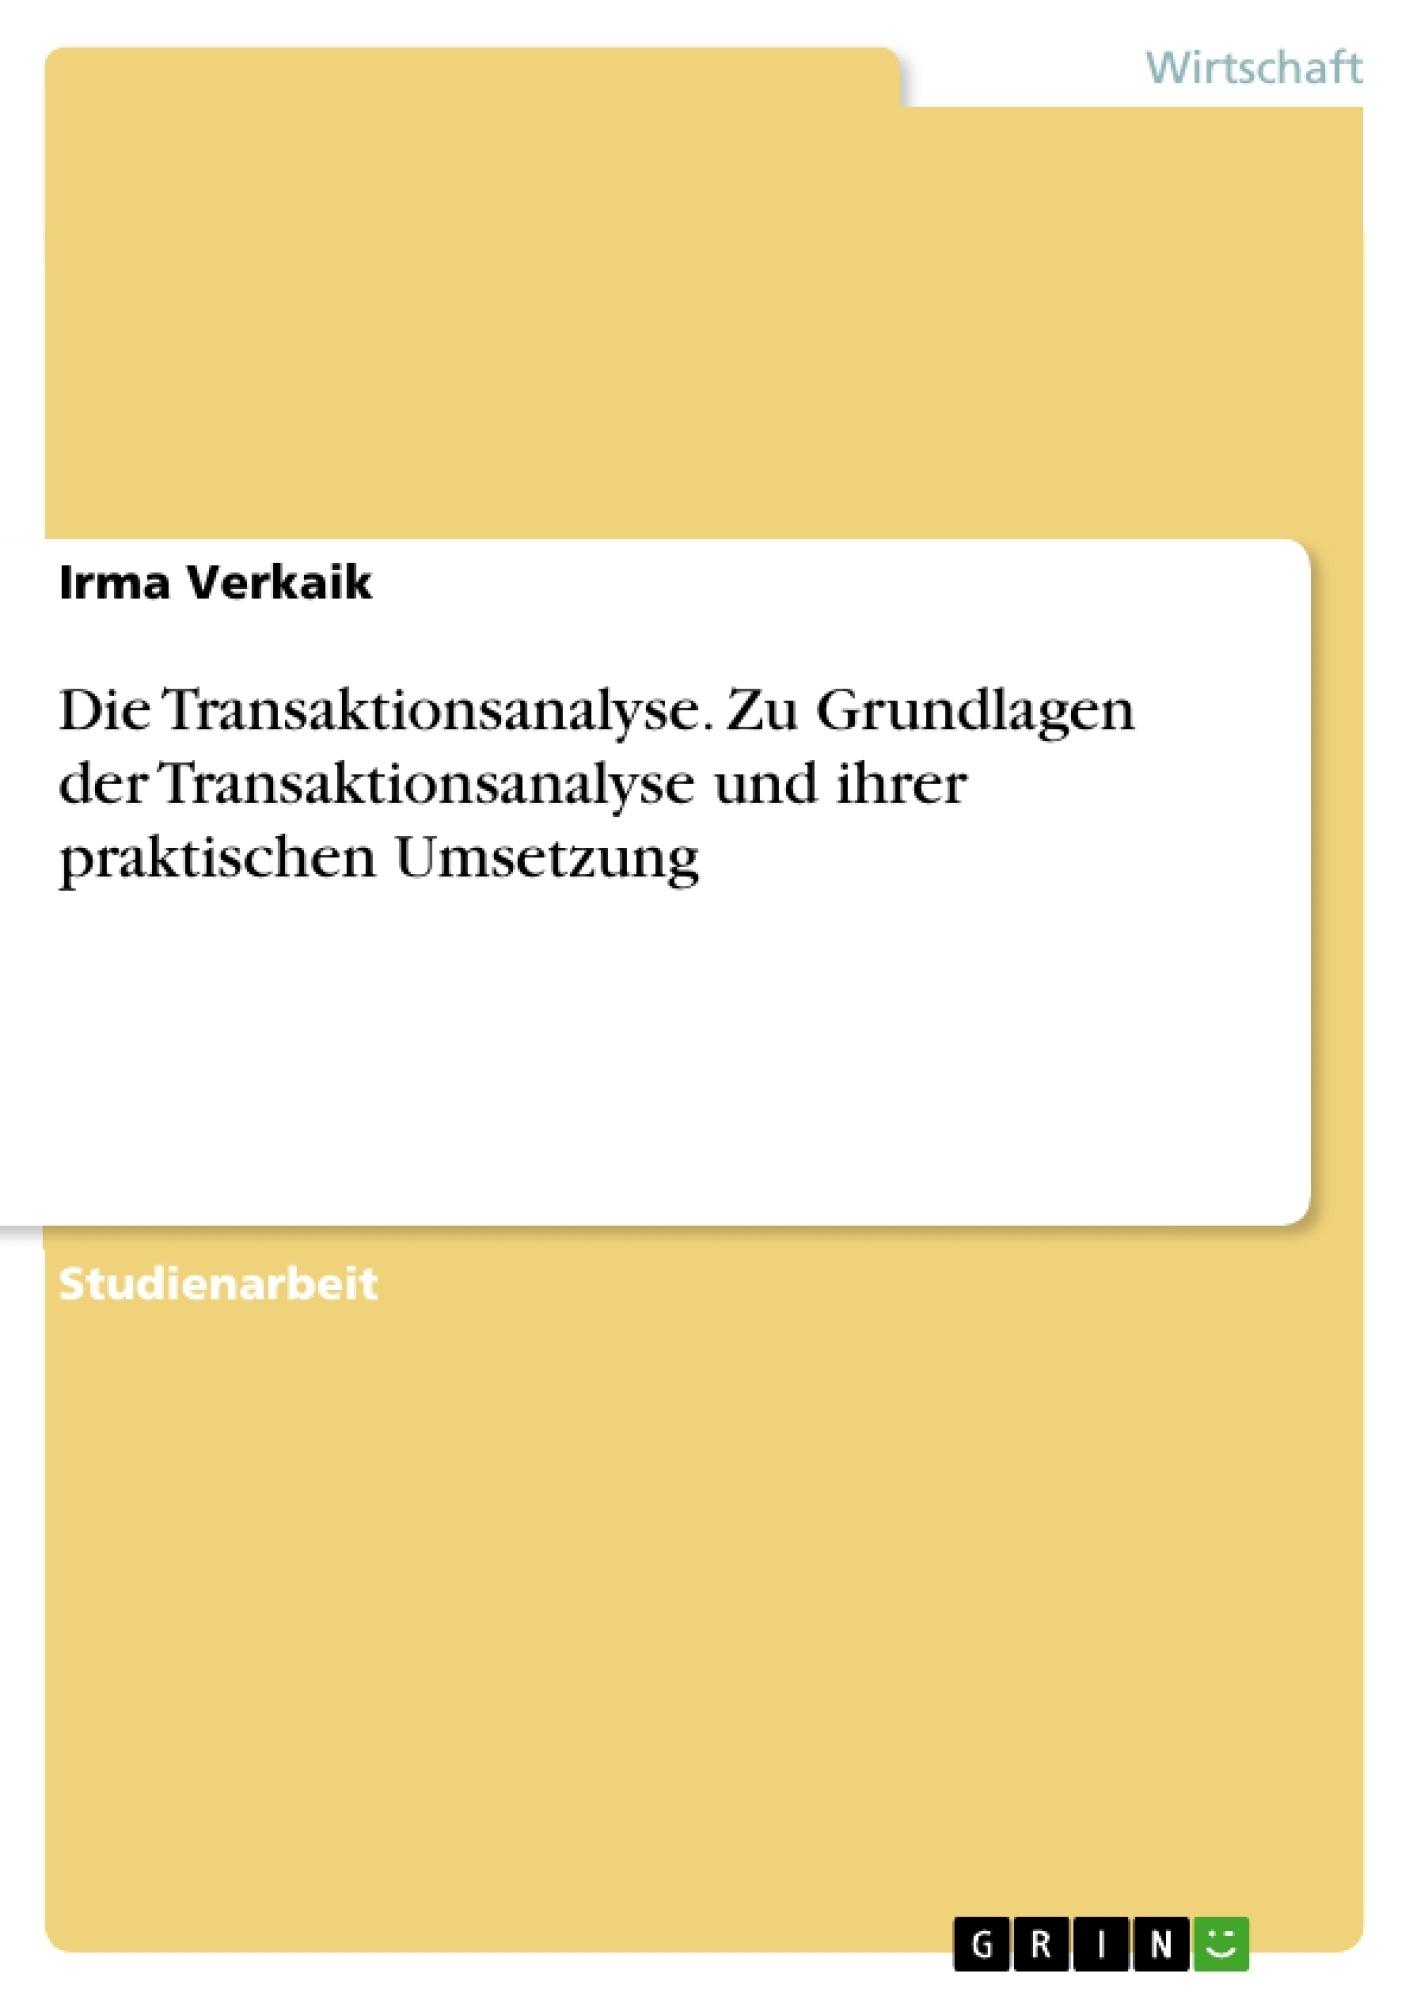 Titel: Die Transaktionsanalyse. Zu Grundlagen der Transaktionsanalyse und ihrer praktischen Umsetzung